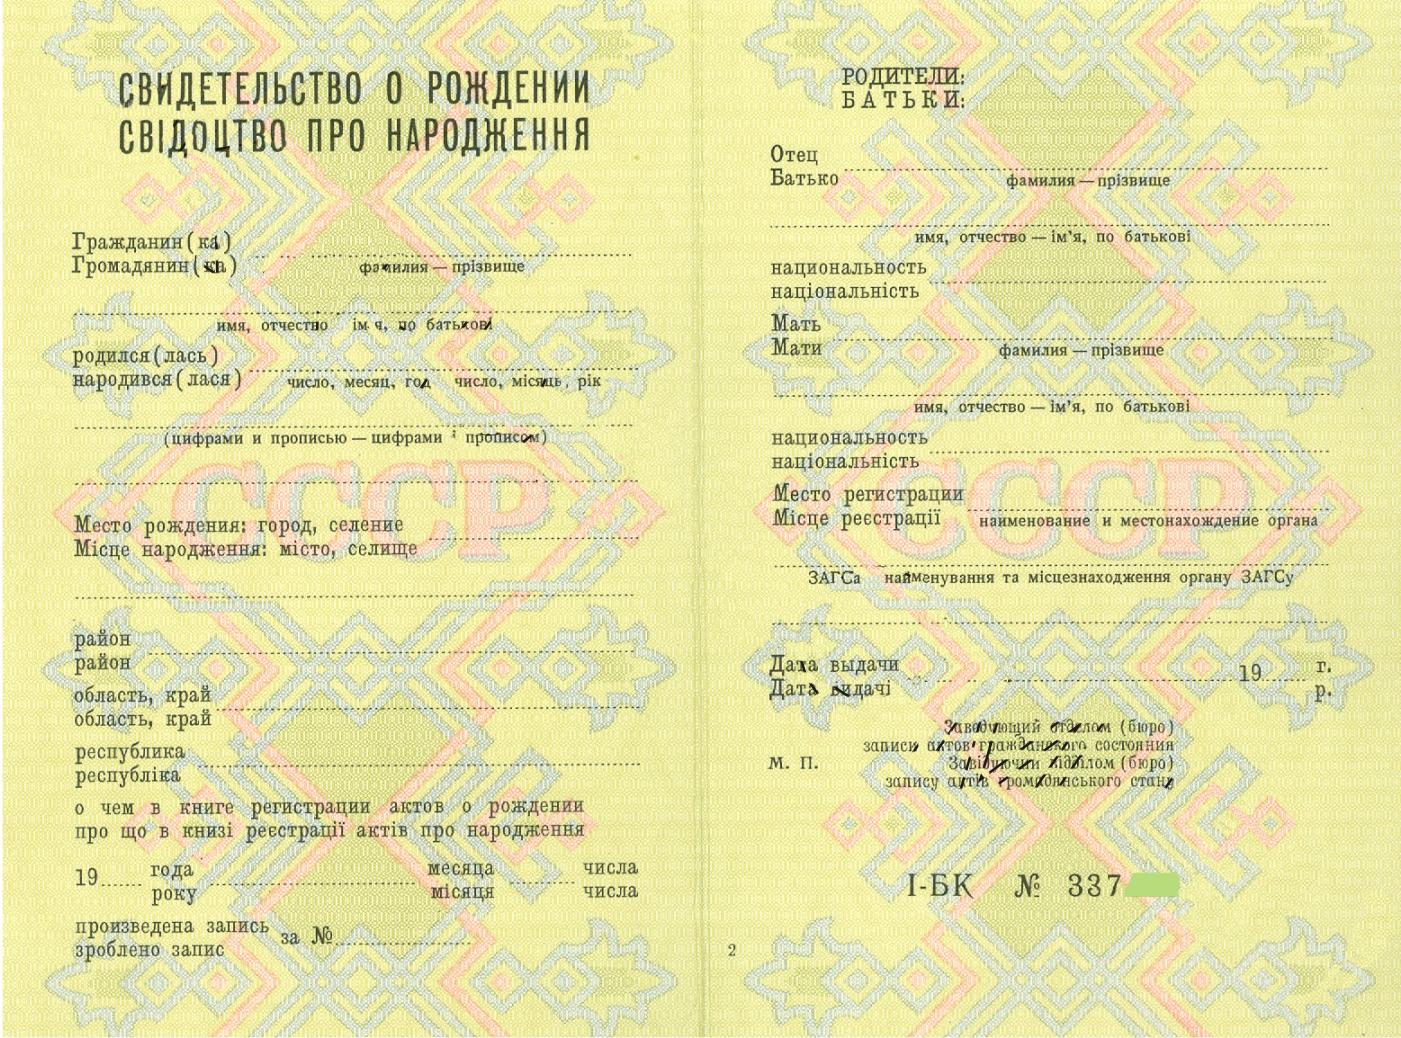 Свидетельство о рождении в СССР